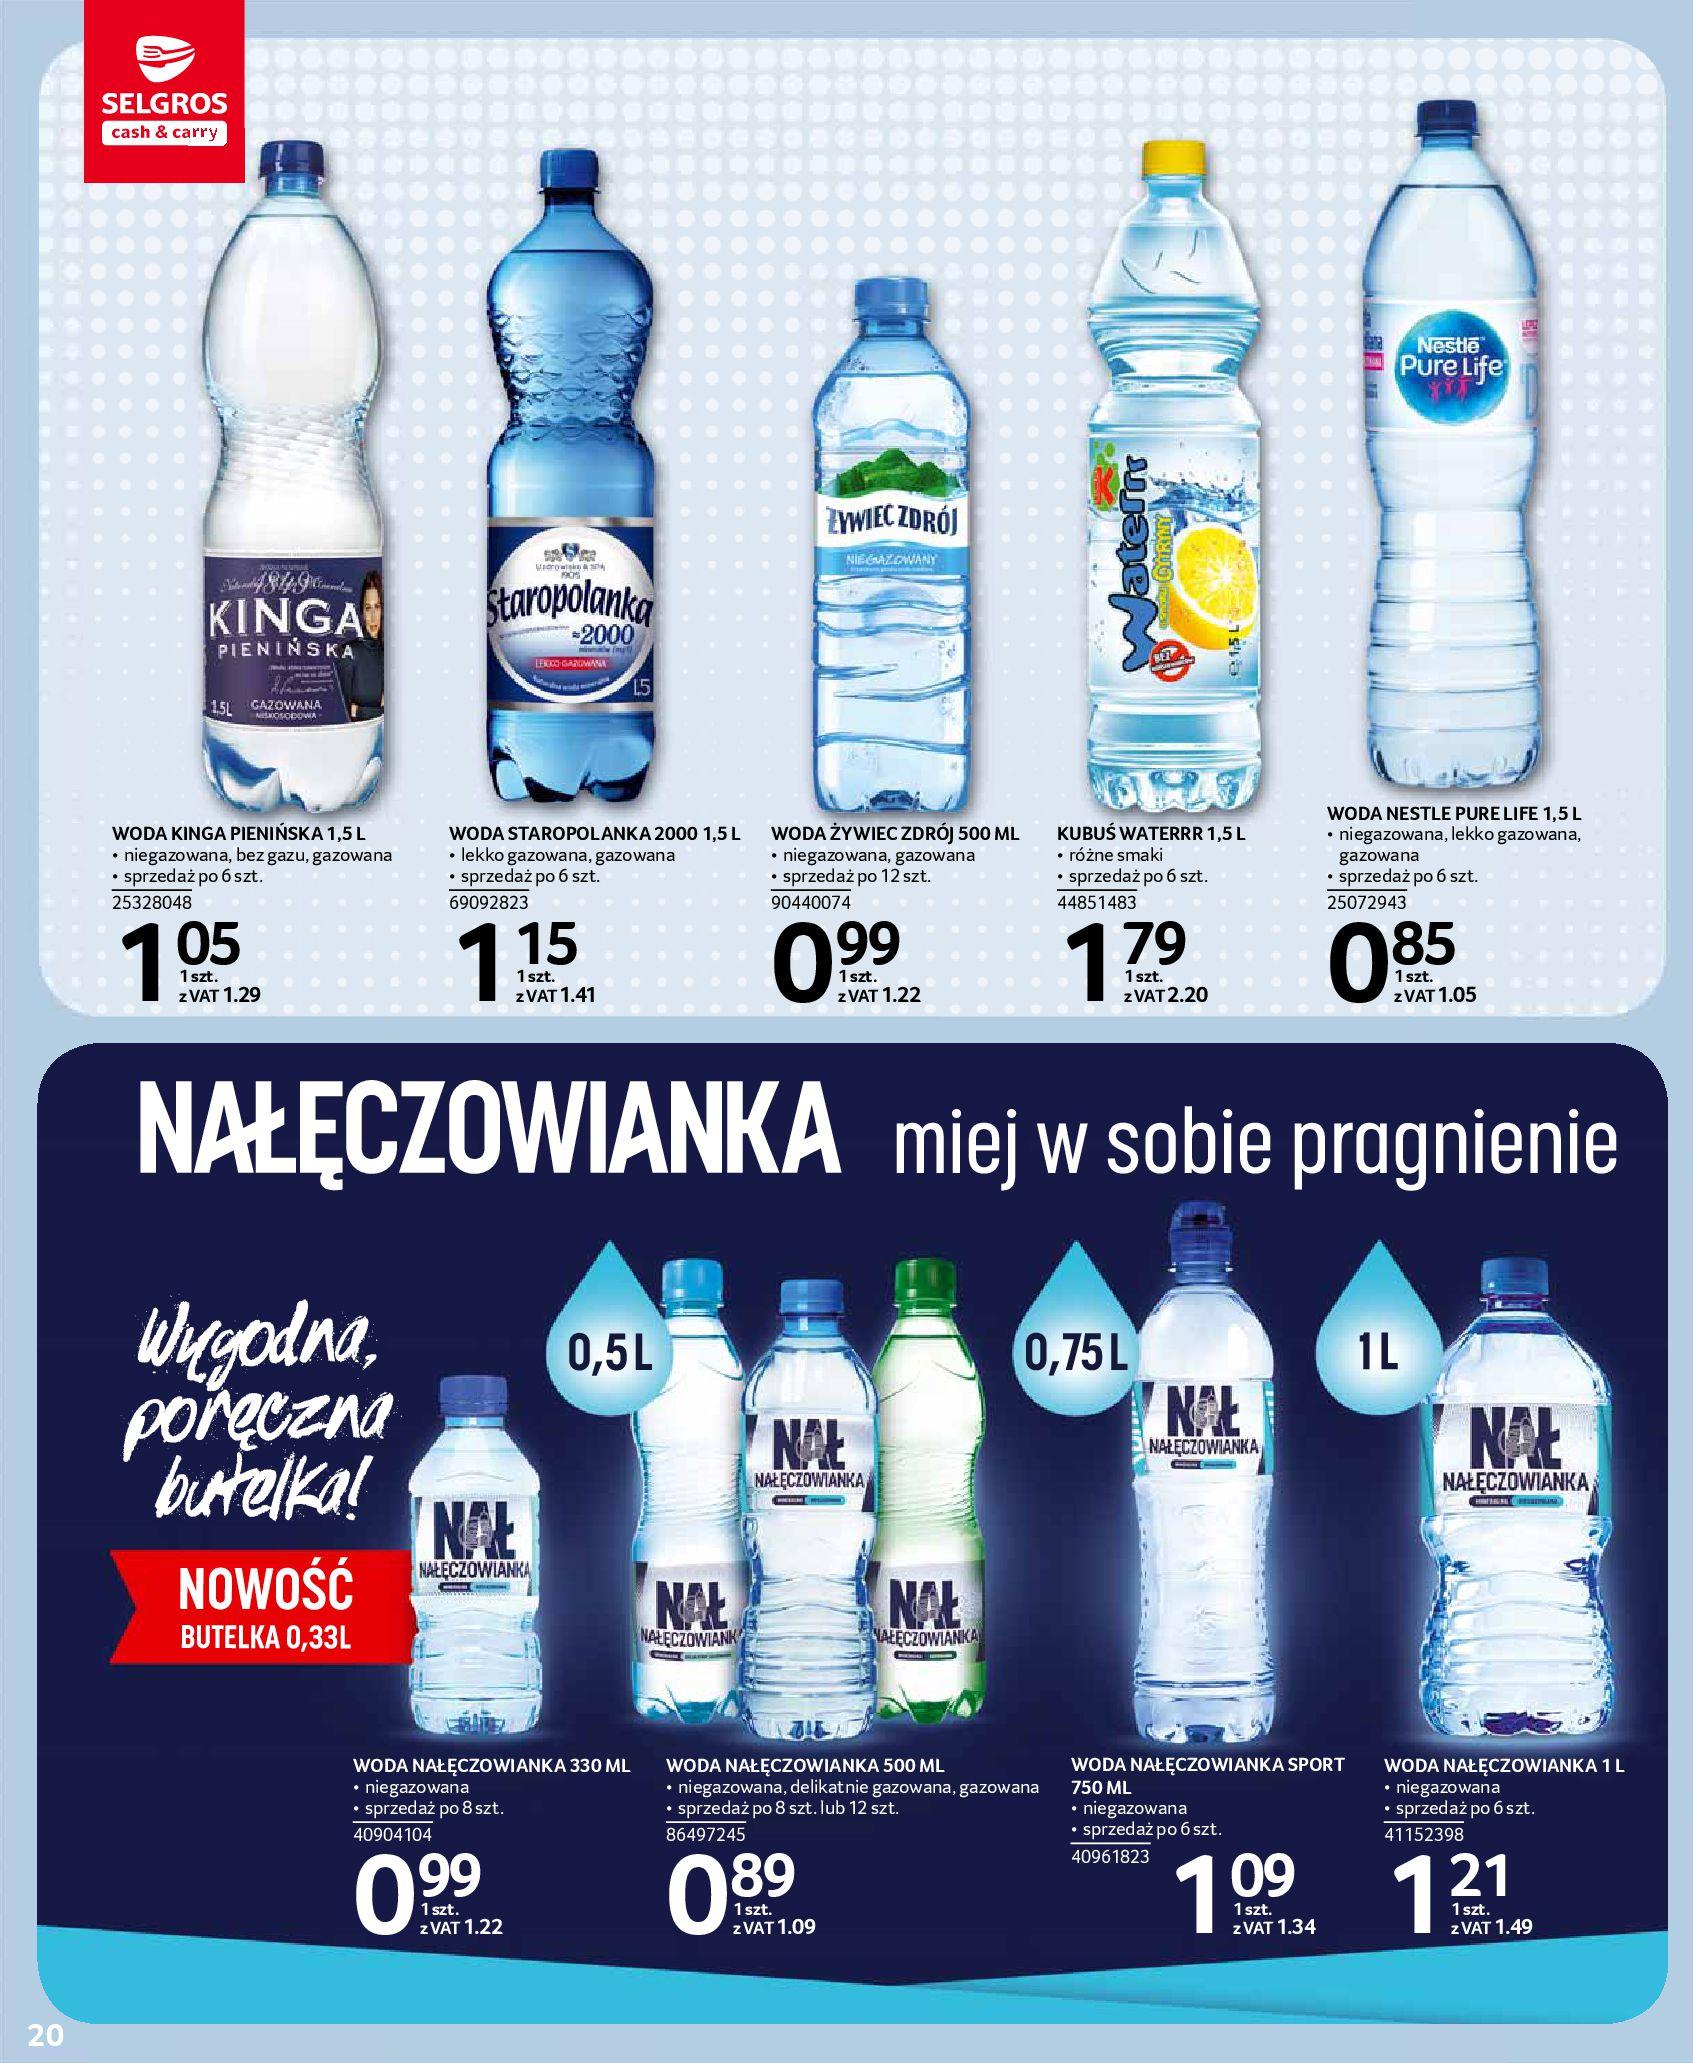 Gazetka Selgros - Oferta spożywcza-13.08.2019-28.08.2019-page-20